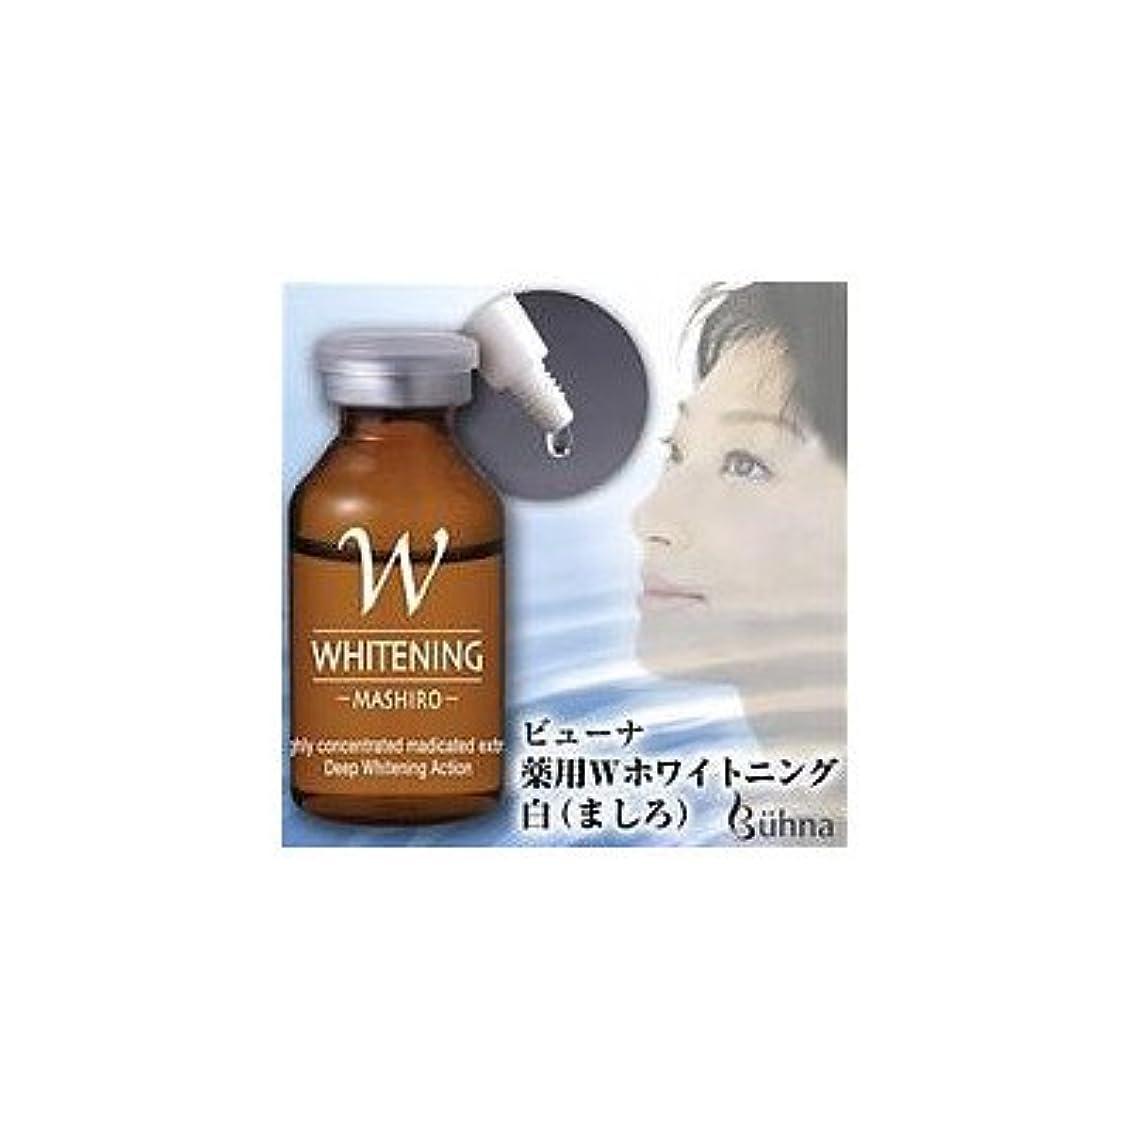 スロー目指す失望翌朝の肌で感じる美肌力 ビューナ 薬用Wホワイトニング 白